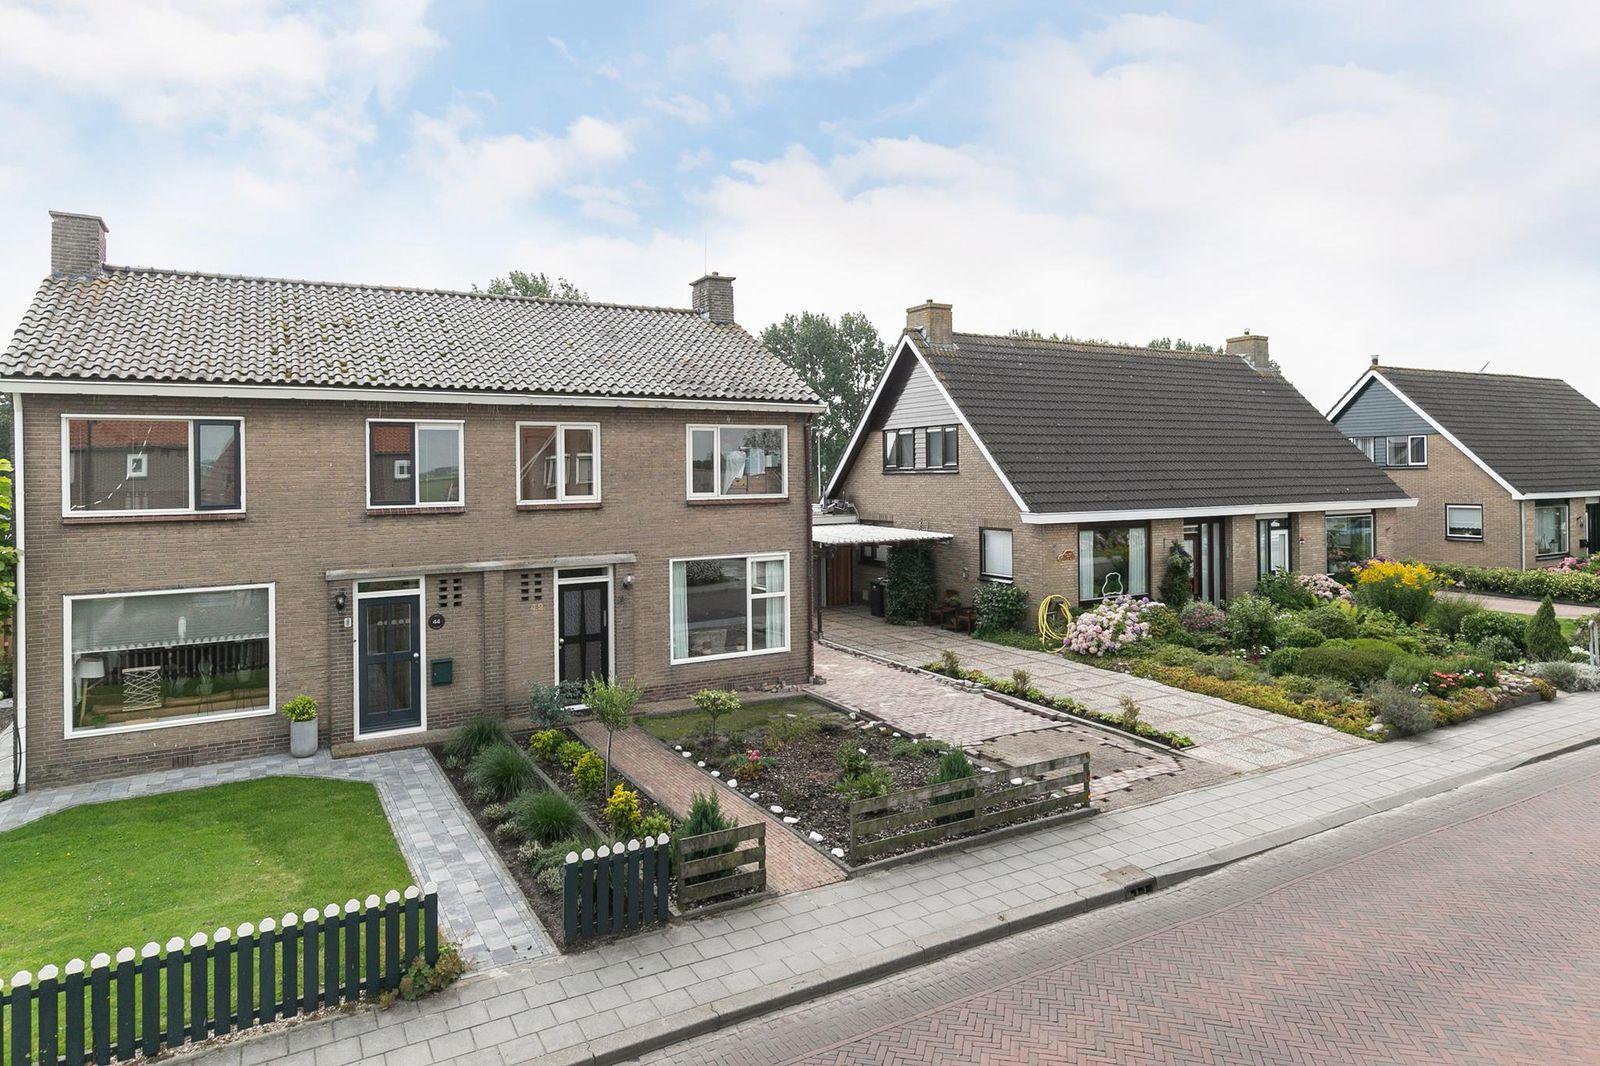 Horstweg 42, Parrega